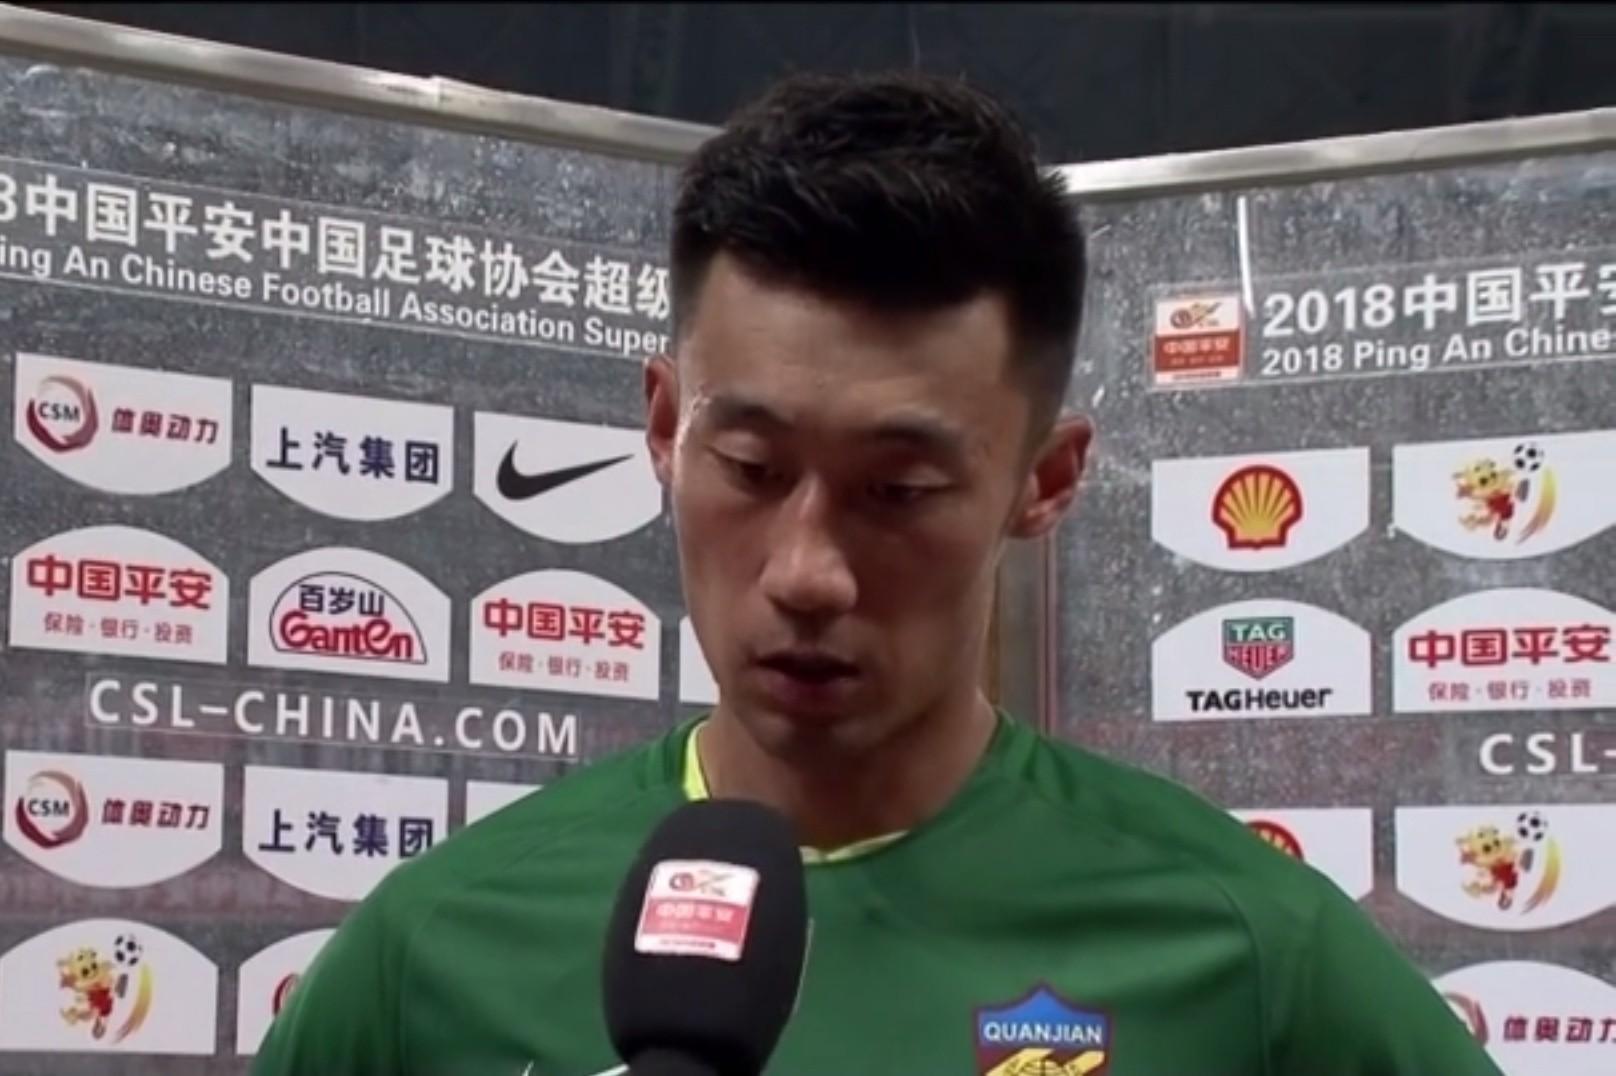 张鹭:刘奕鸣缺席对球队影响大